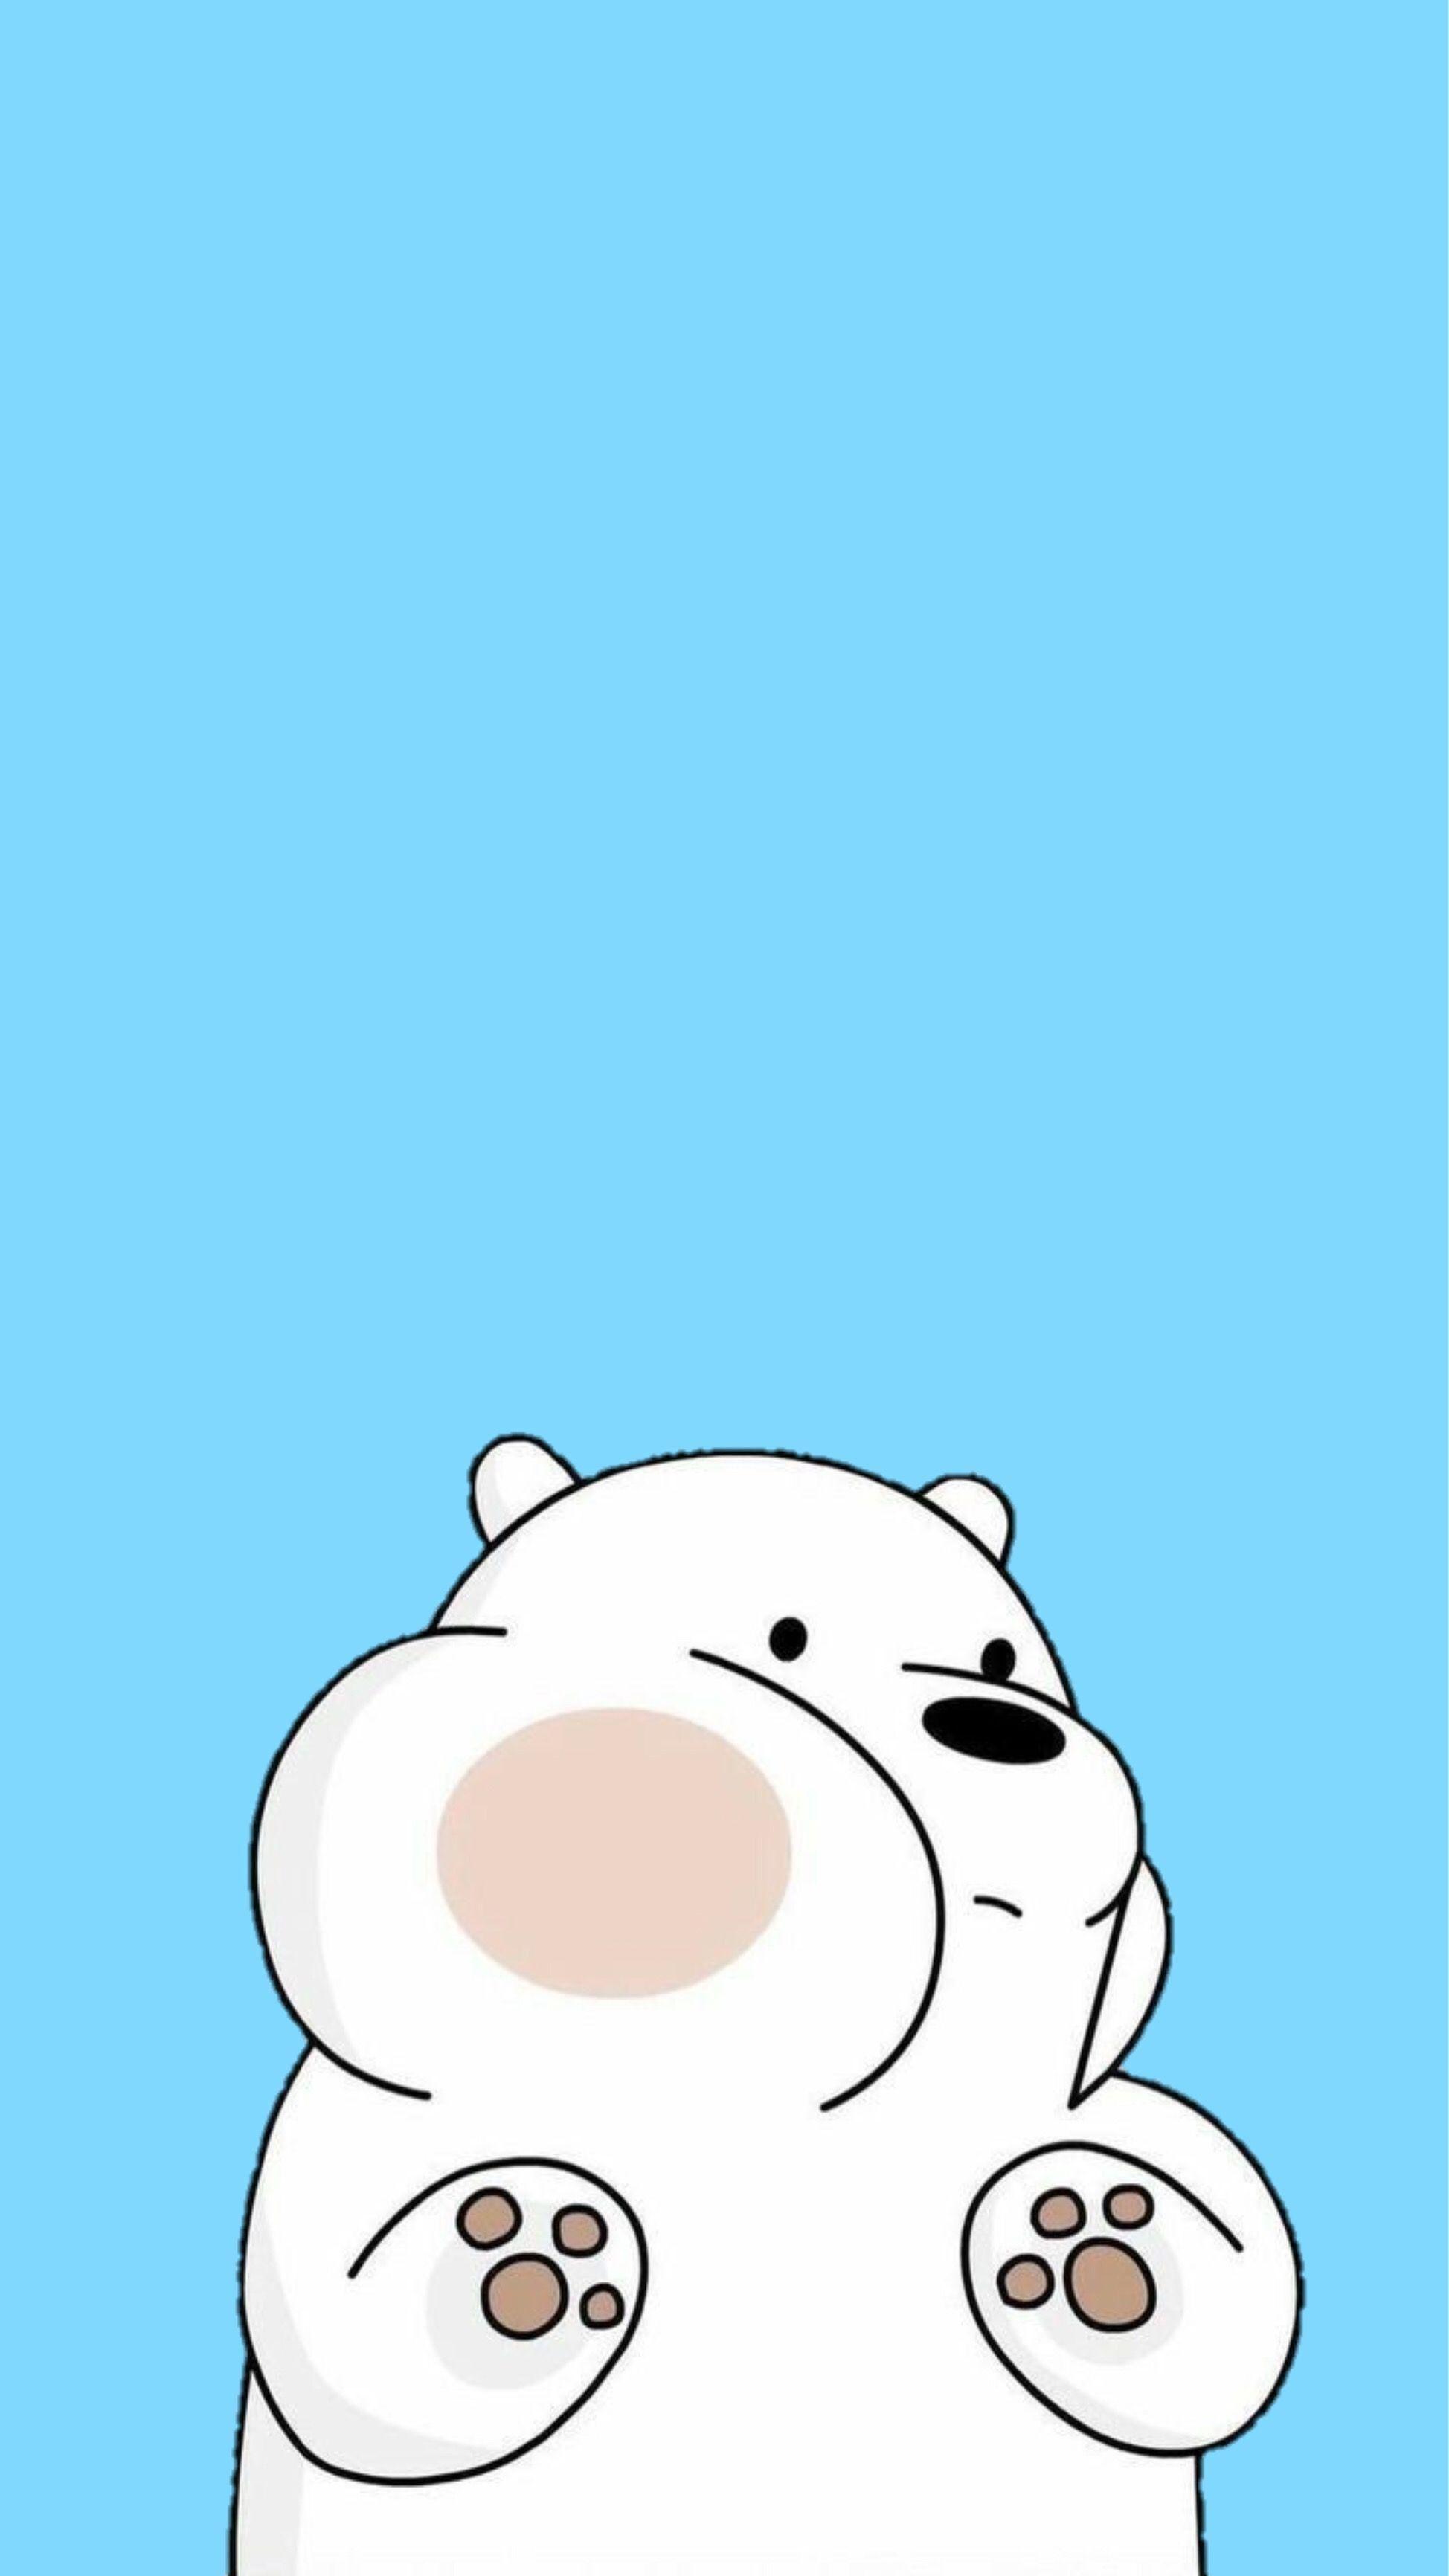 55+ ảnh nền điện thoại cute dành cho fan của We Bare Bears - BlogAnChoi